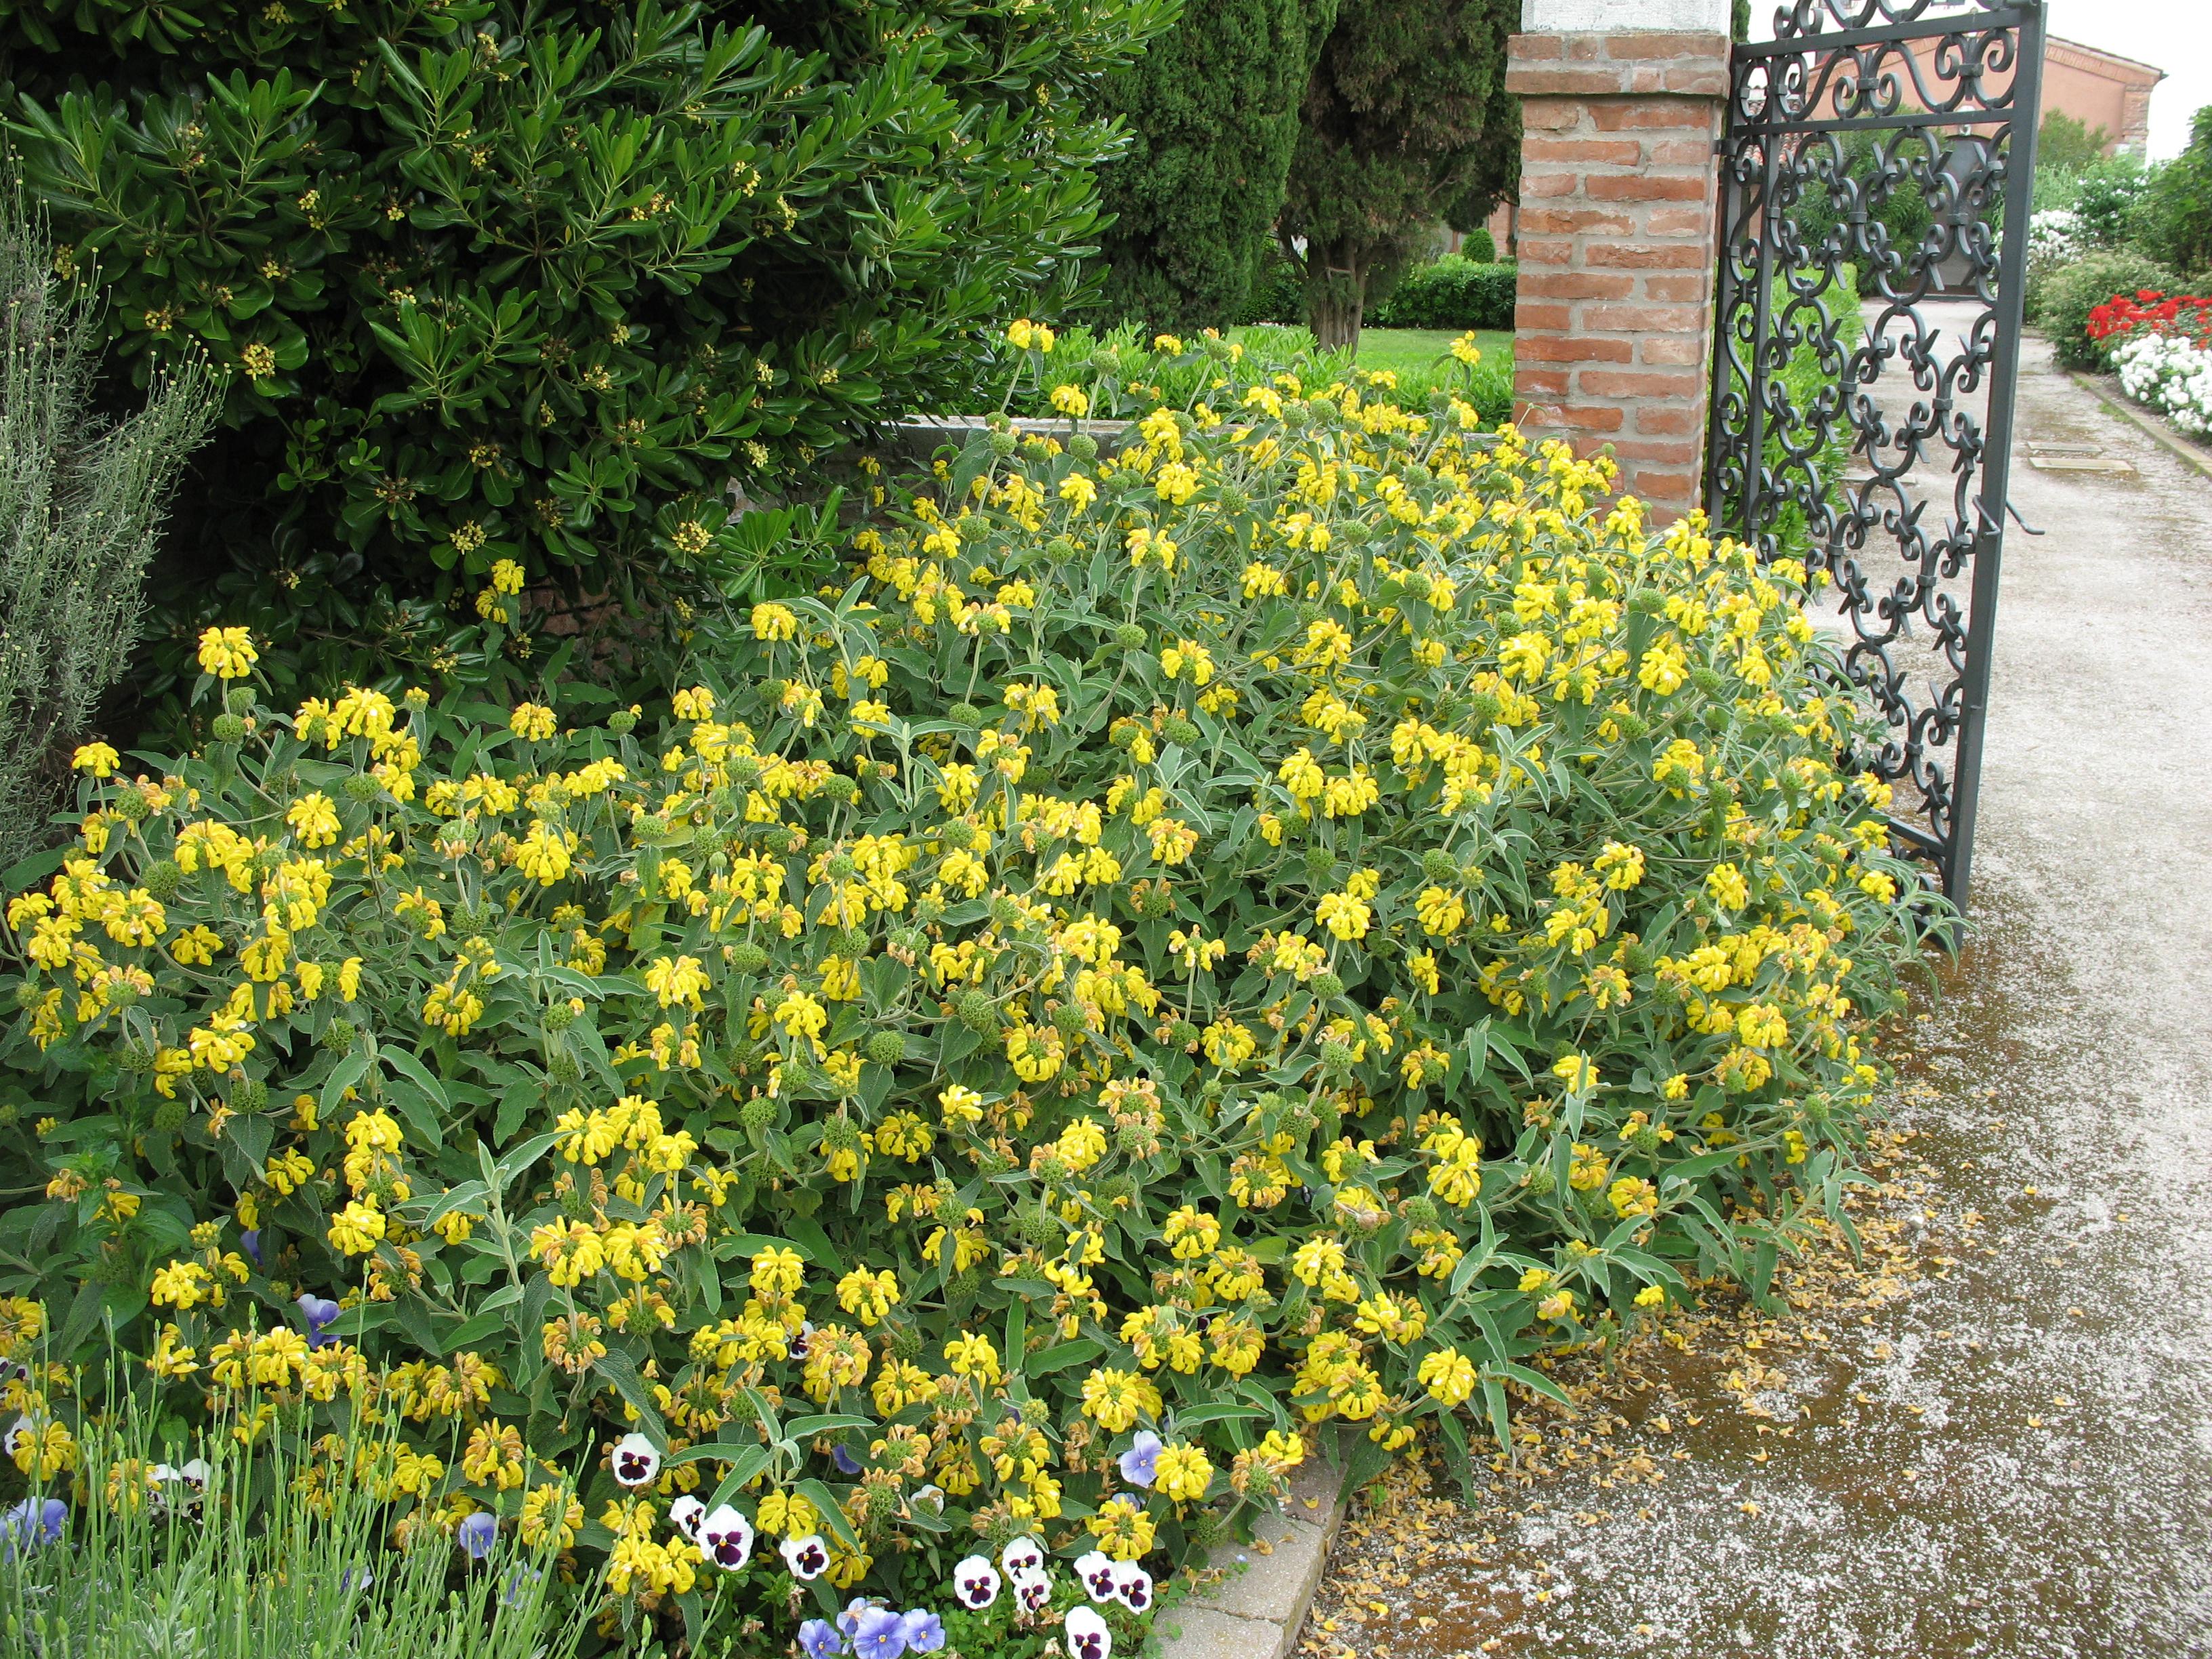 Phlomis fruticosa, populairement appelé Sauge de Jérusalem à la fois pour ses feuilles et pour son parfum aromatique semblable à ceux de la sauge